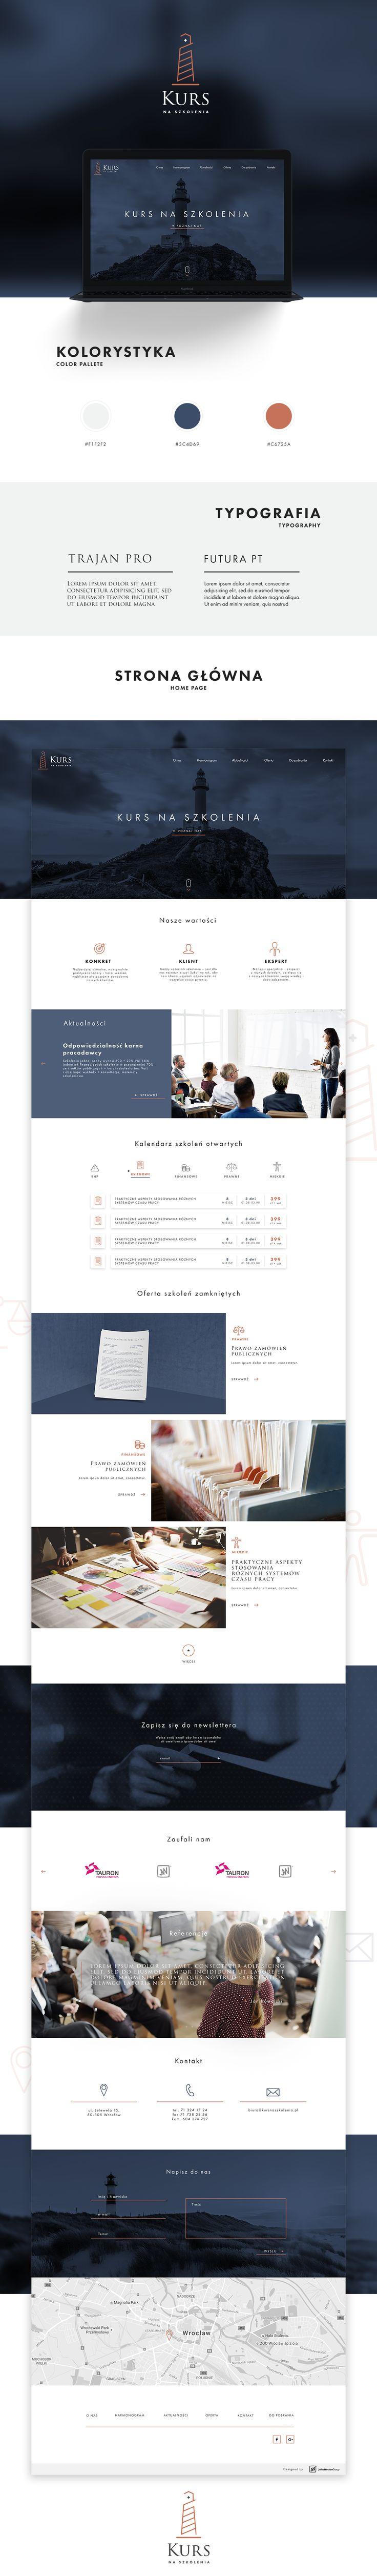 """Przejrzyj mój projekt w @Behance: """"Redesign Kurs Na Szkolenia"""" https://www.behance.net/gallery/44013015/Redesign-Kurs-Na-Szkolenia"""